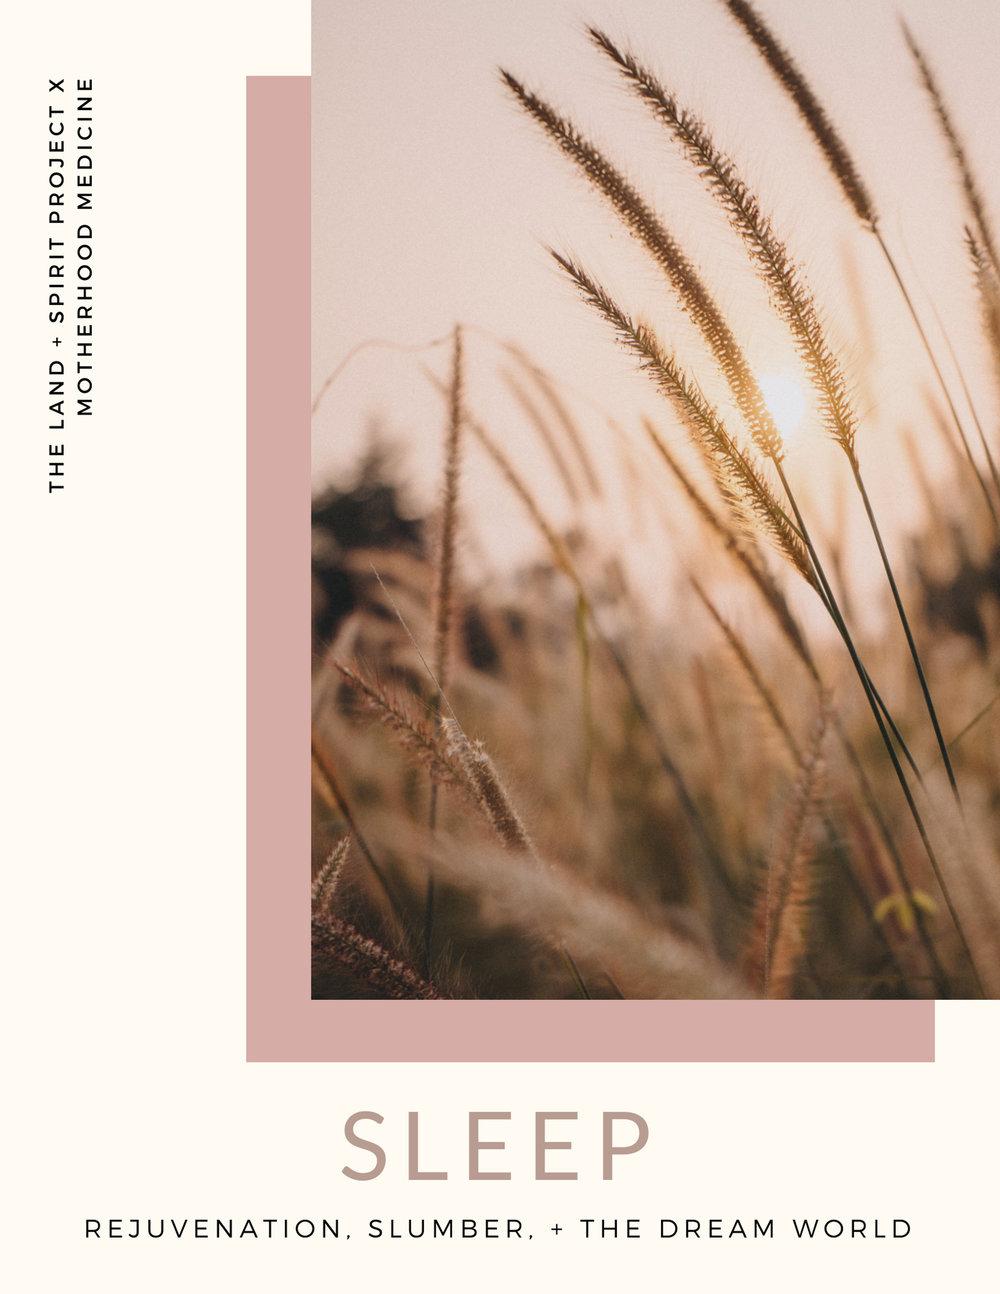 sleep+rejuvenation.jpg